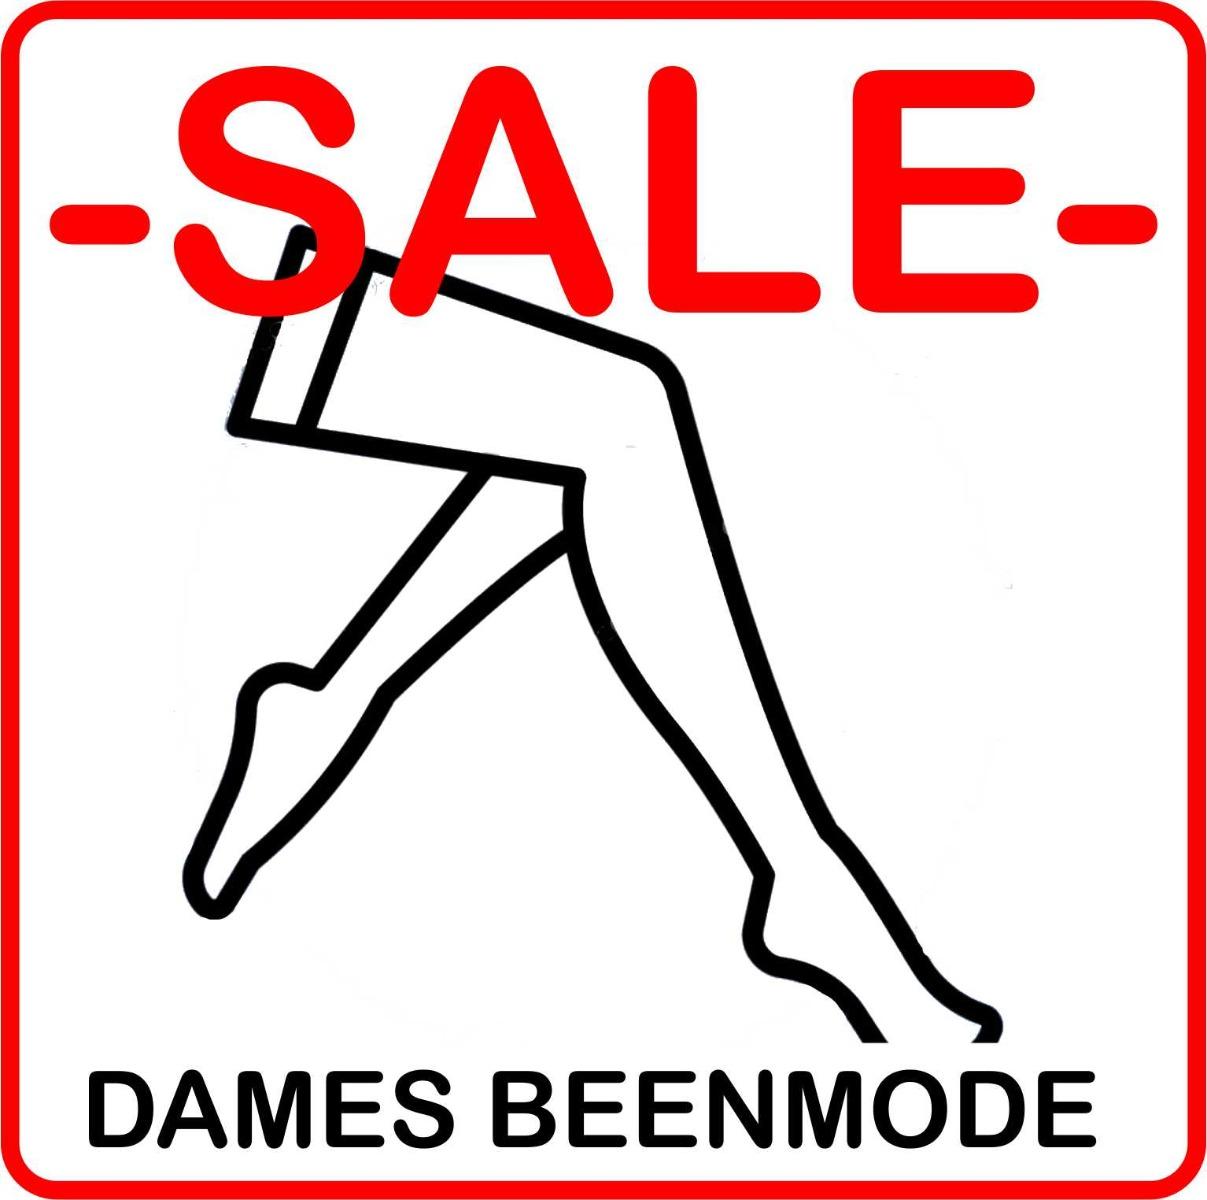 Sale-dames-beenmode